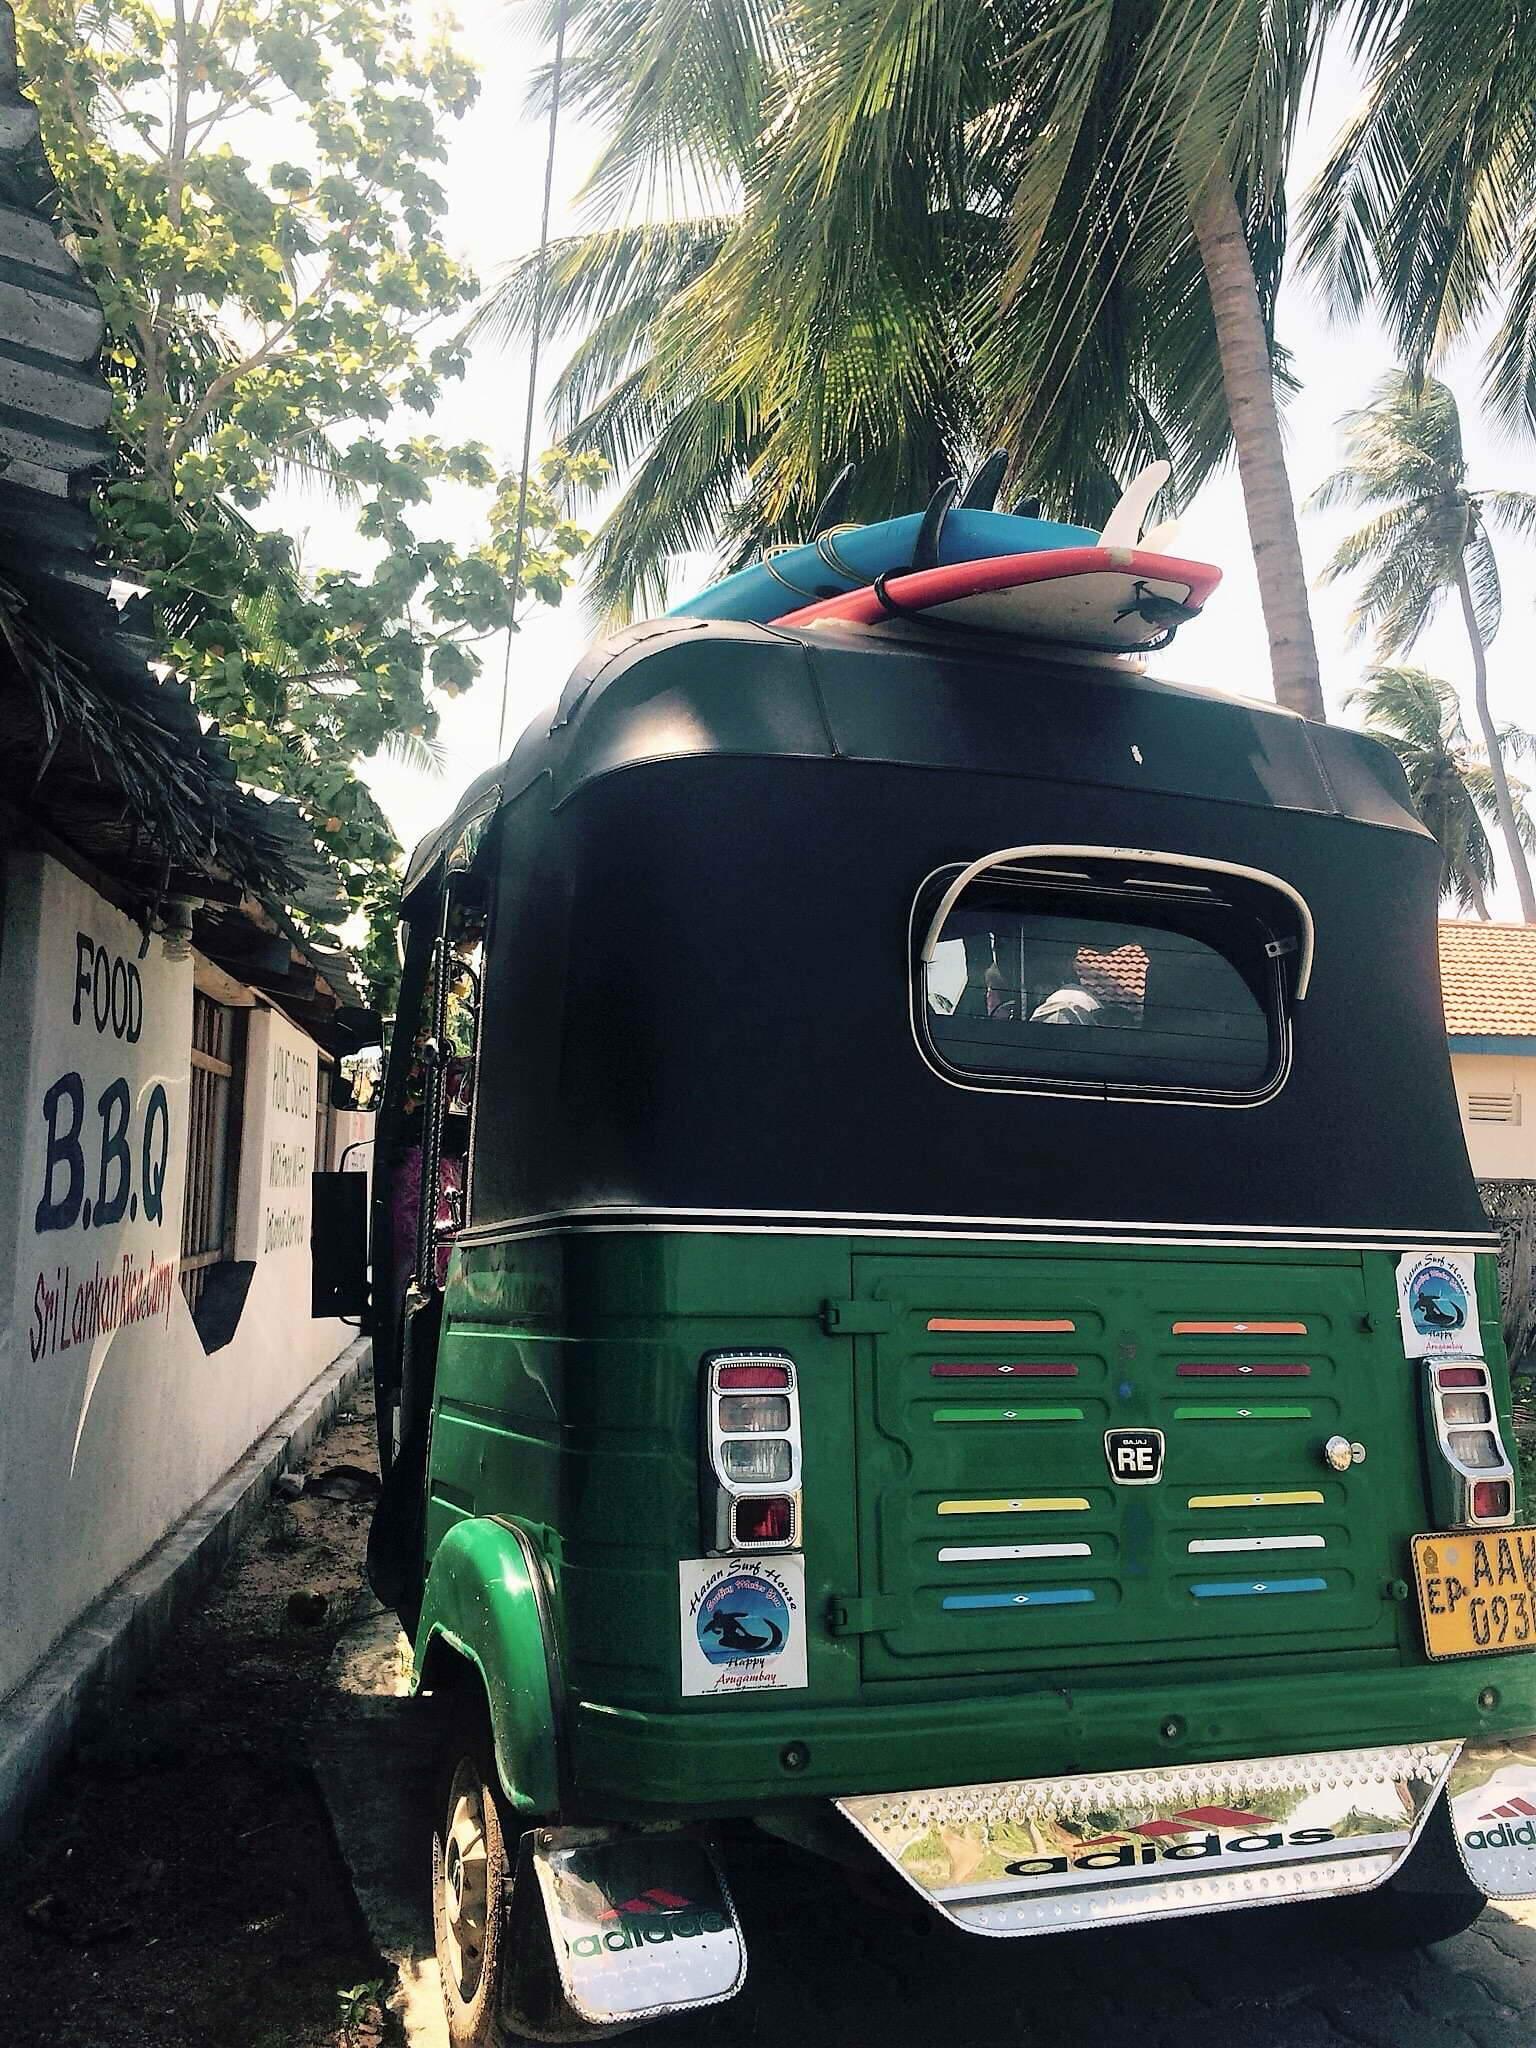 Mit dem Tuktuk geht es zum Surfspot in Sri Lanka